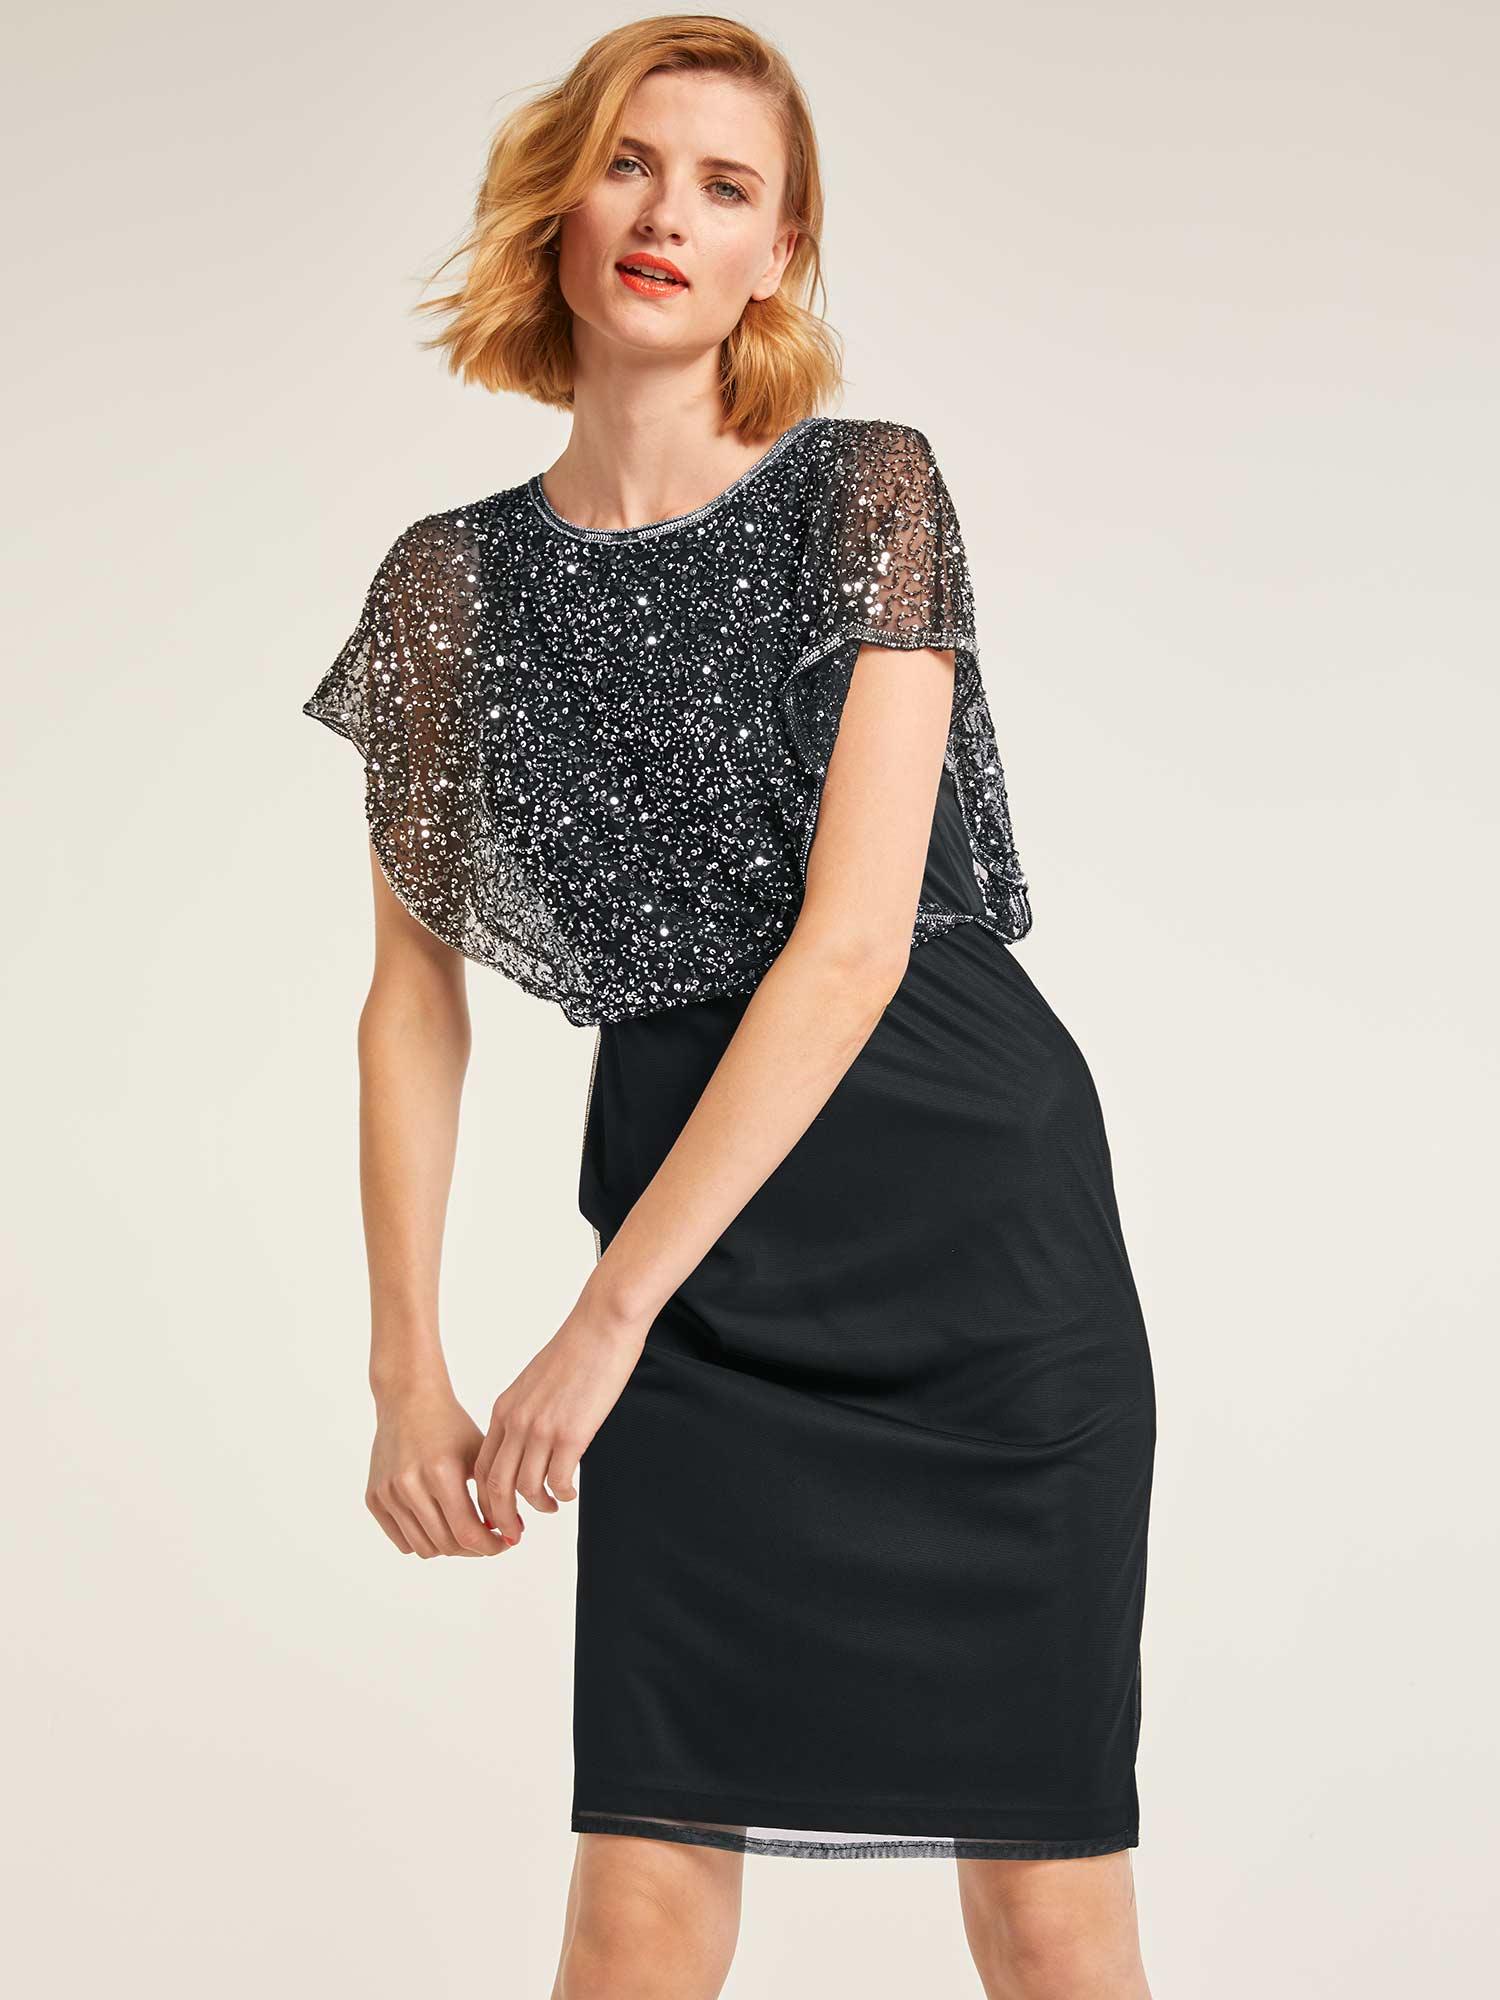 7294682f8b071f Ein Kleid sollte nicht allover bestickt sein. Eine Bluse, ein Rock oder ein  Spitzentop dürfen hingegen etwas mehr hervorstechen.